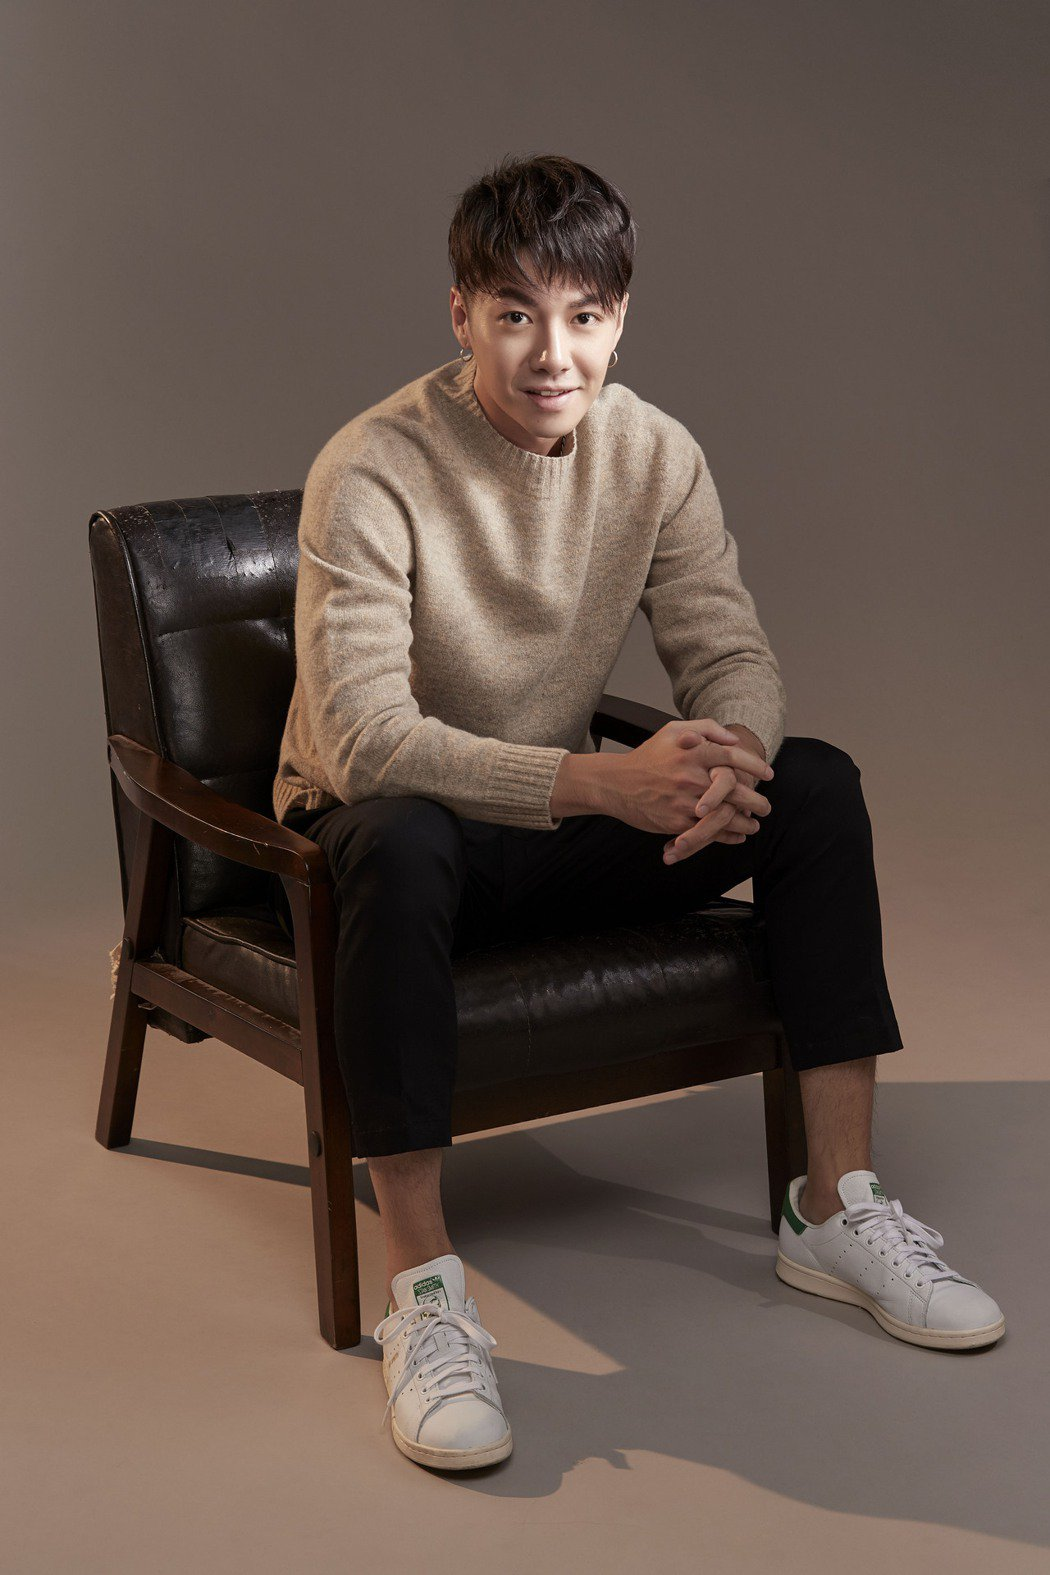 陳信維除了演戲、綜藝主持,私下也喜歡創作歌曲。圖/伊林娛樂提供